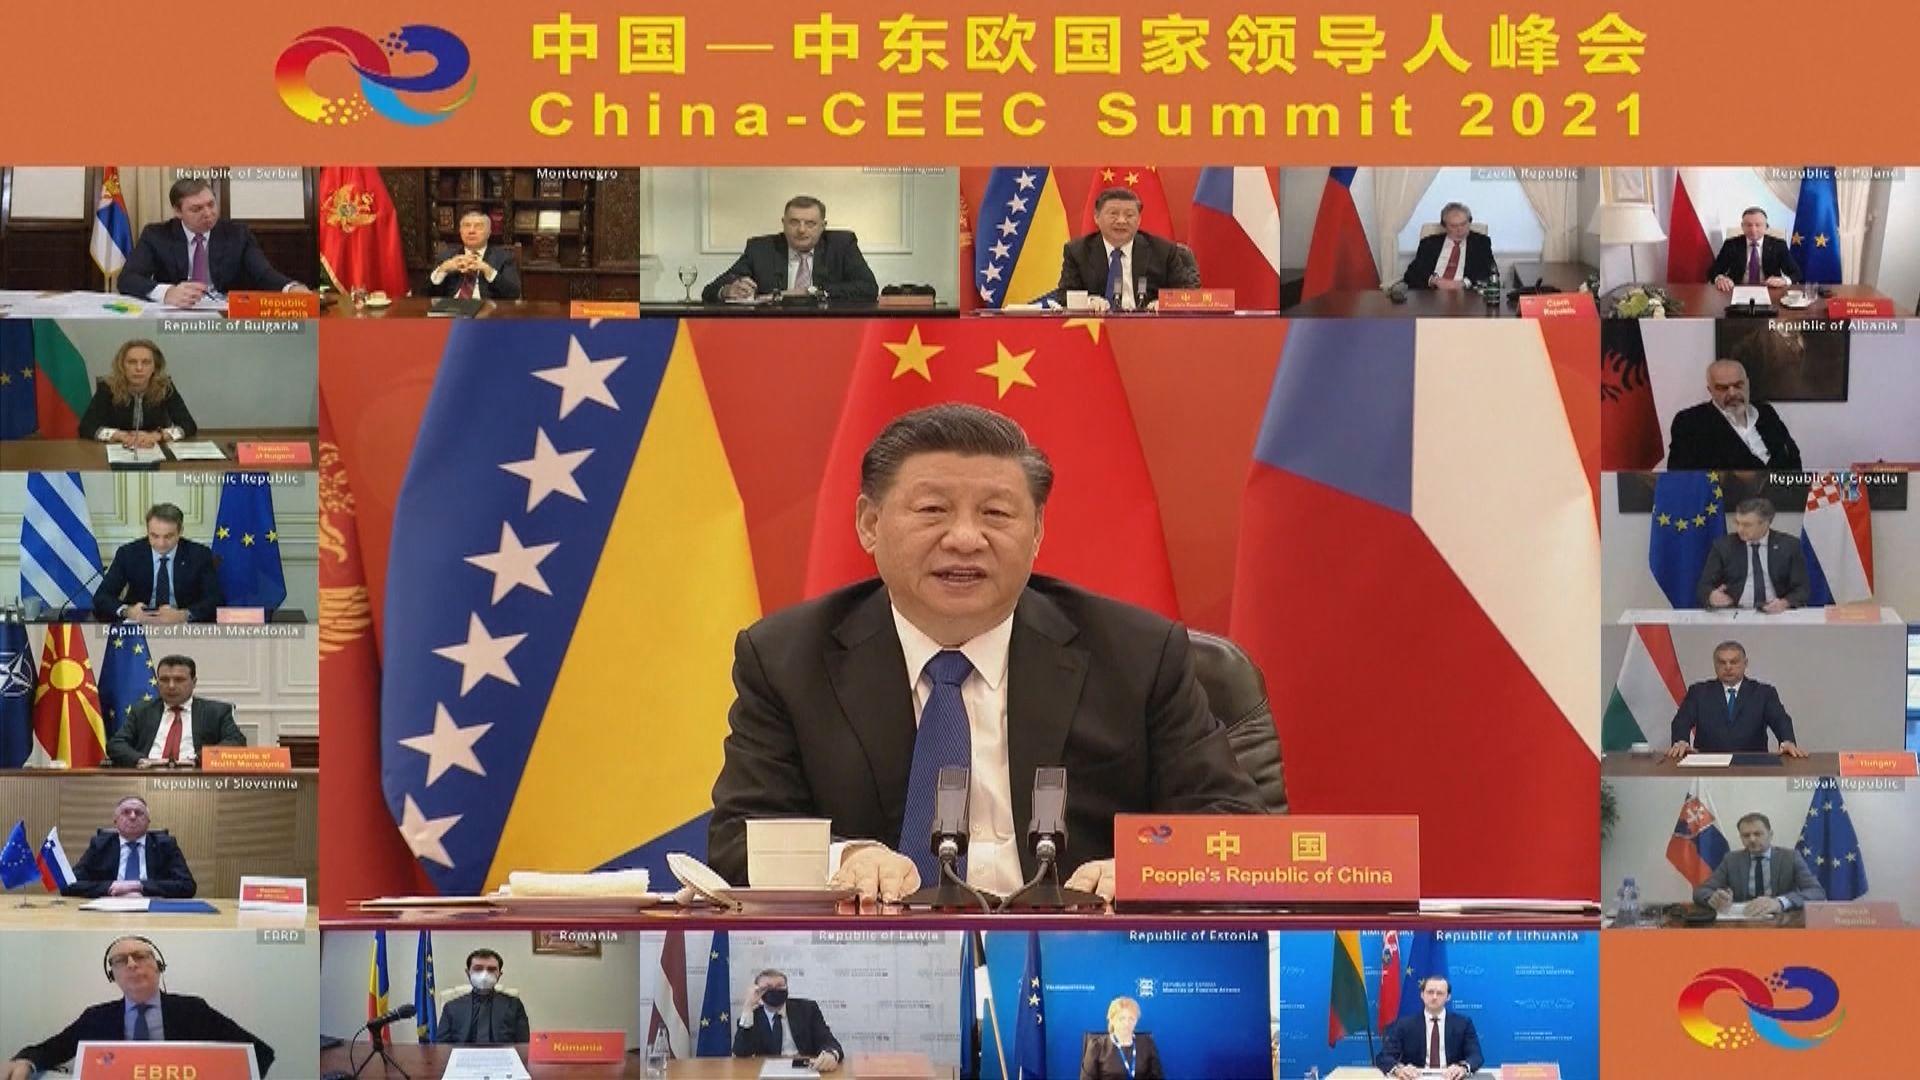 立陶宛擬在台灣開設貿易代表處 北京堅決反對